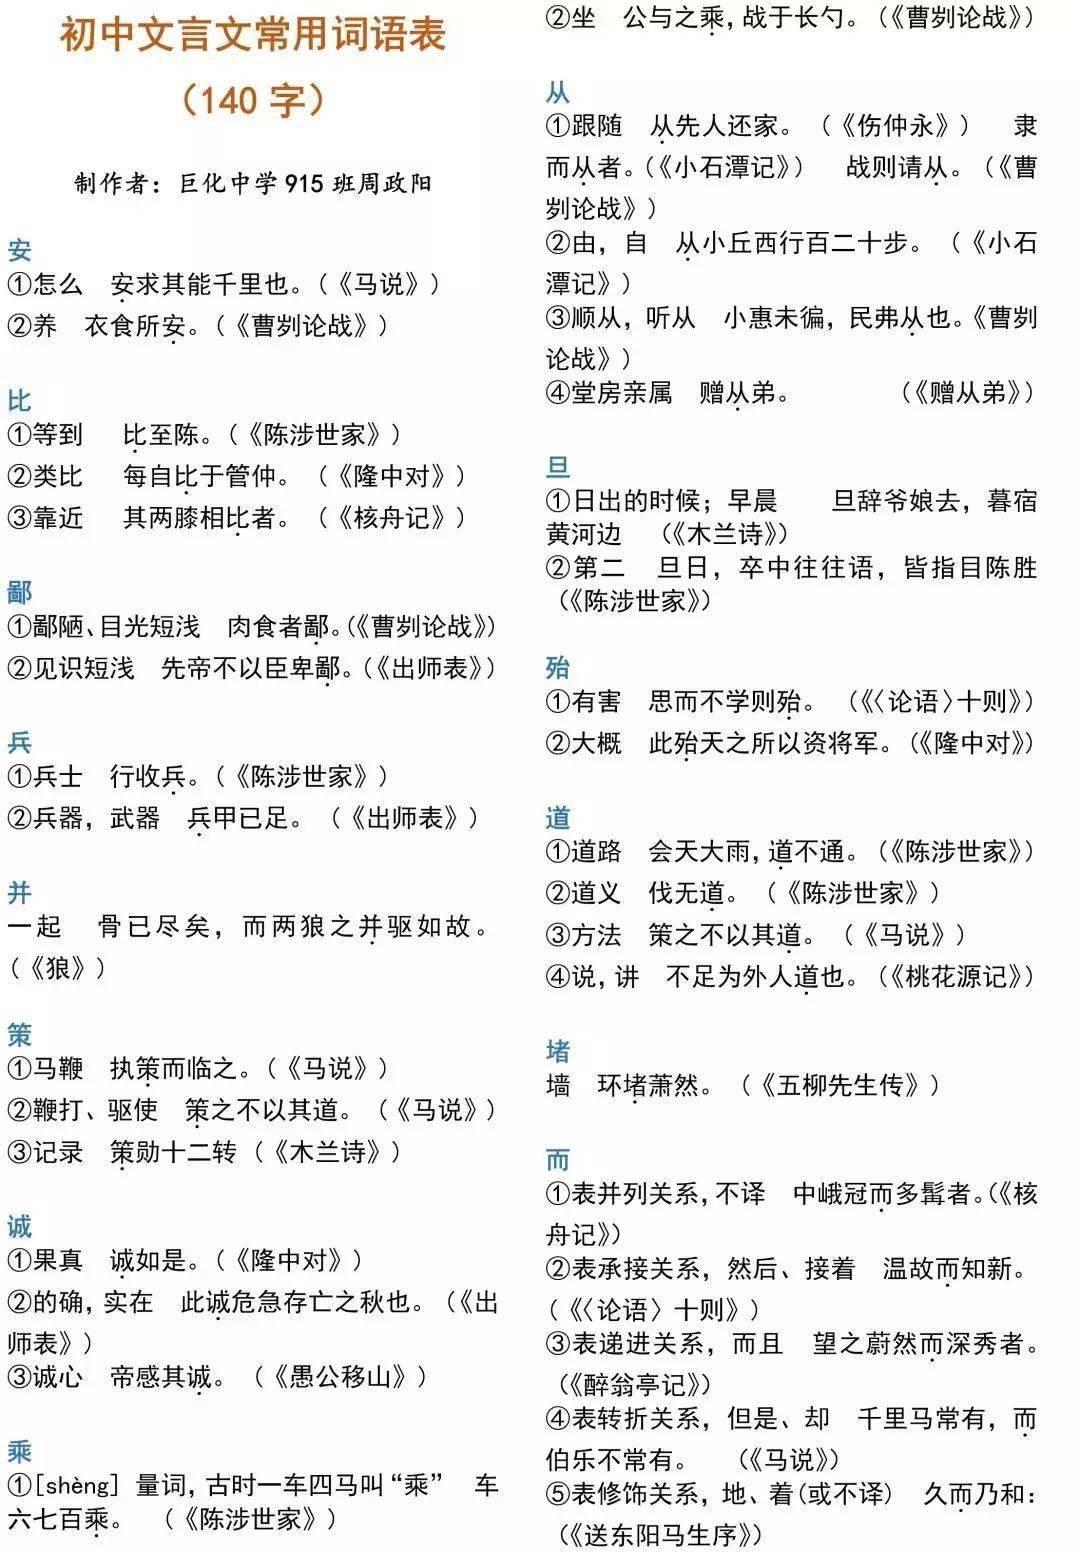 初中语文7~9年级常用文言文140字全总结,太重要了!